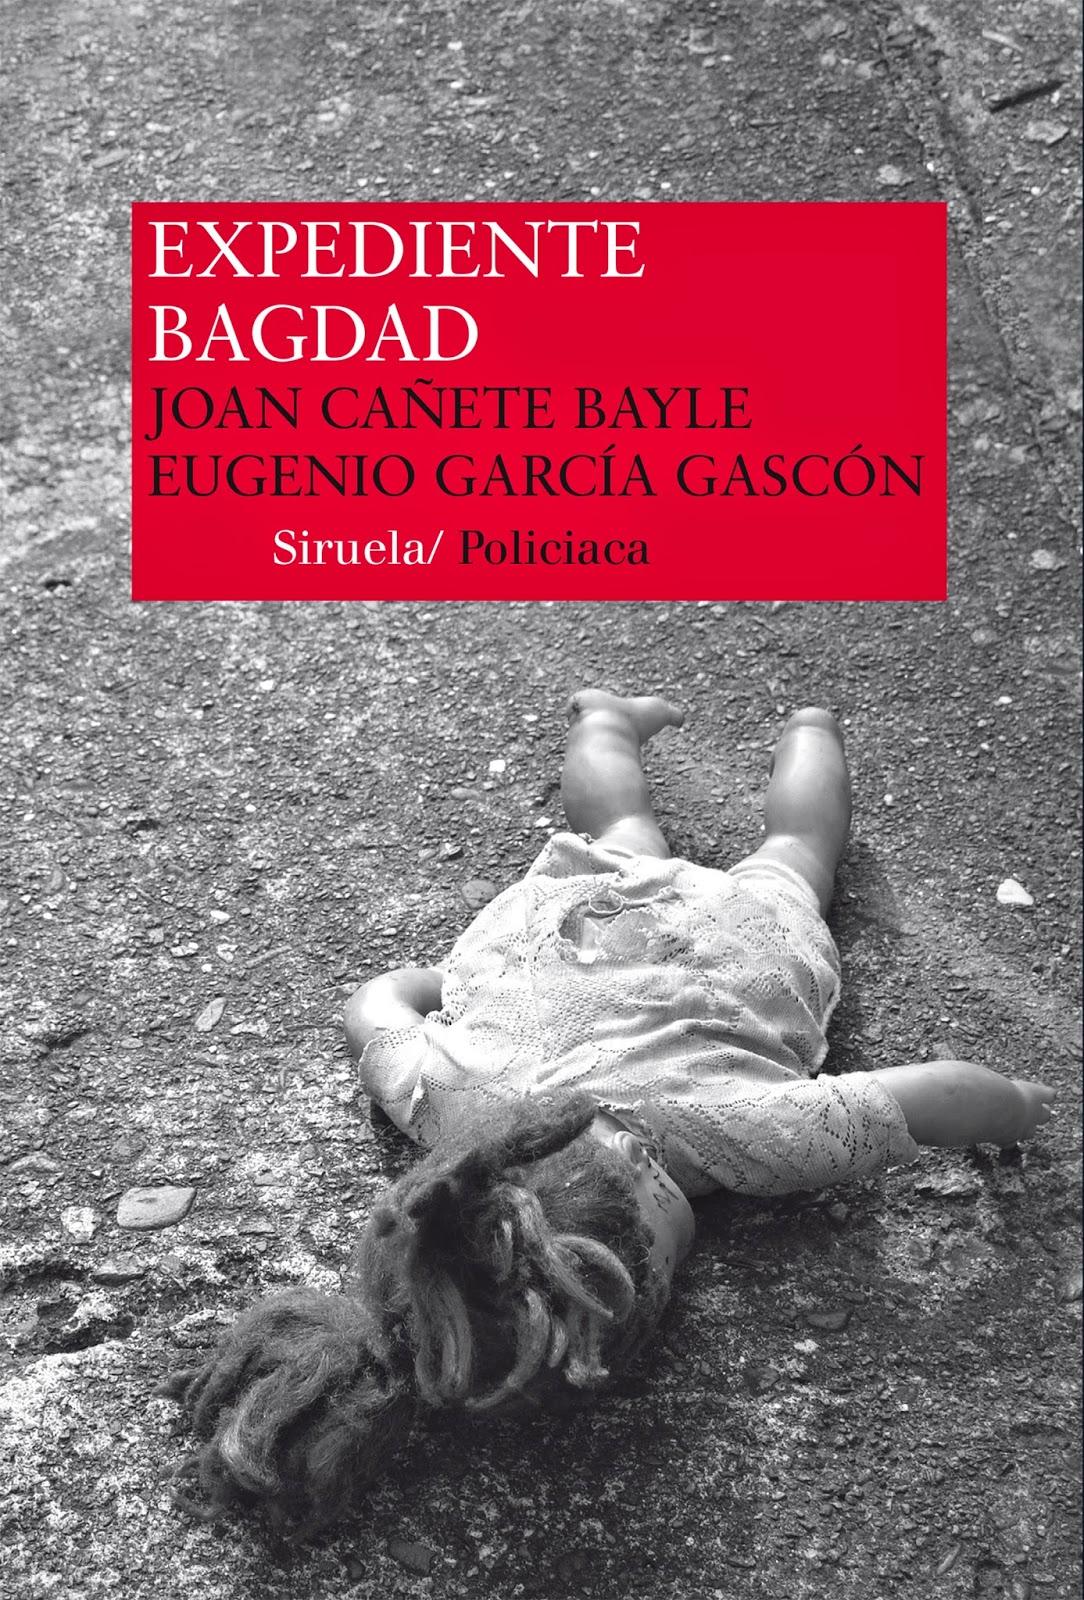 Expediente Bagdad - Joan Cañete Bayle y Eugenio García Gascón 9788416208333_L38_04_x%2B(1)